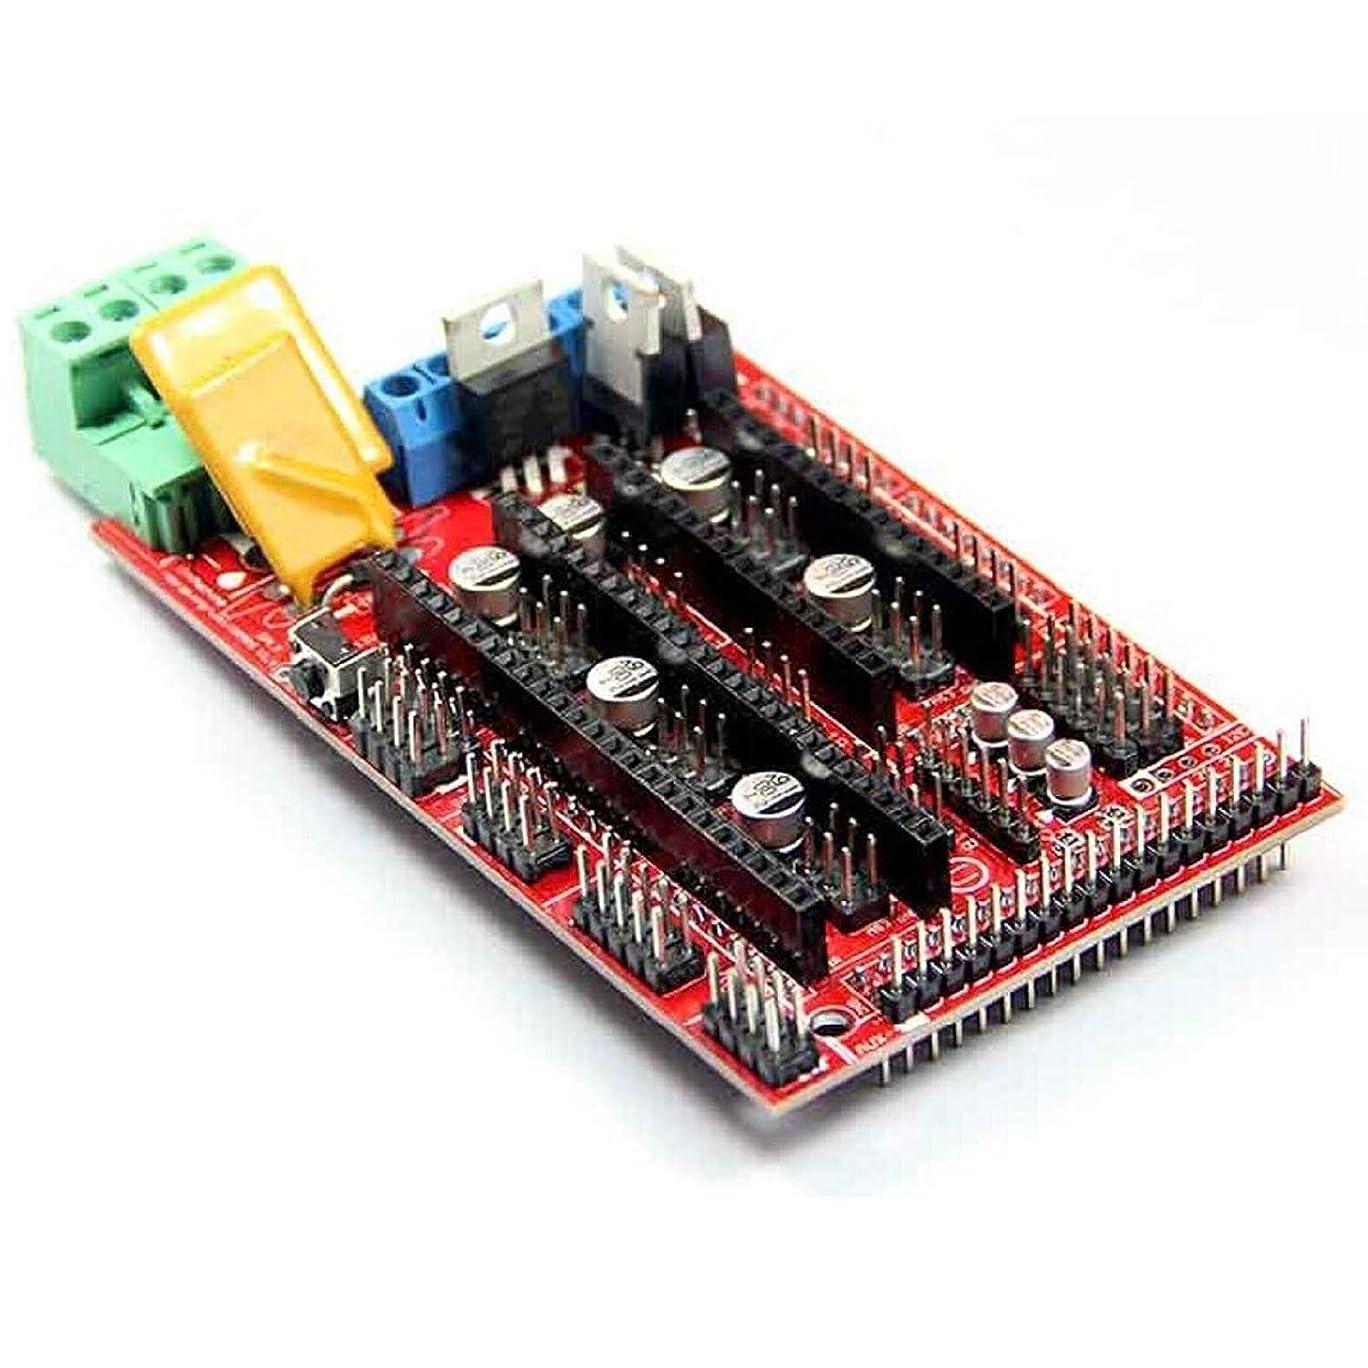 内向き鉛筆欲求不満EcloudShop 3DプリンタコントローラRAMPS REPRAP MENDEL PRUSA1.4